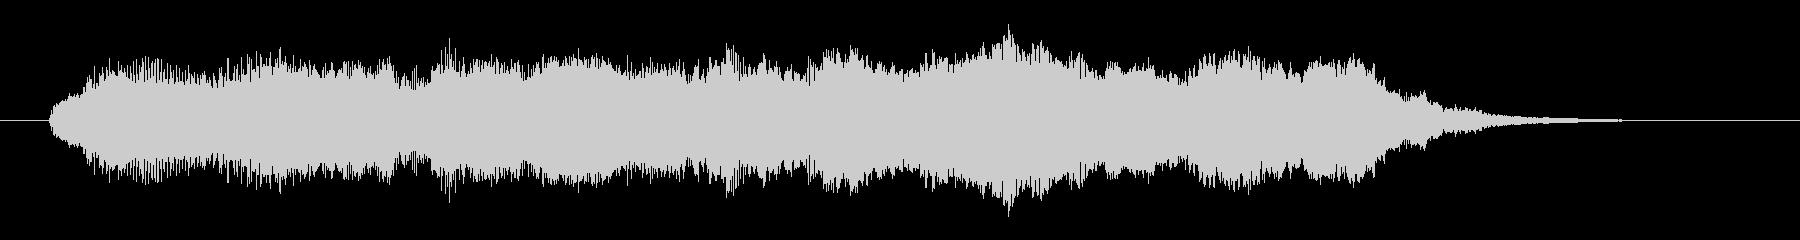 弦楽奏のジングル・サウンドロゴの未再生の波形